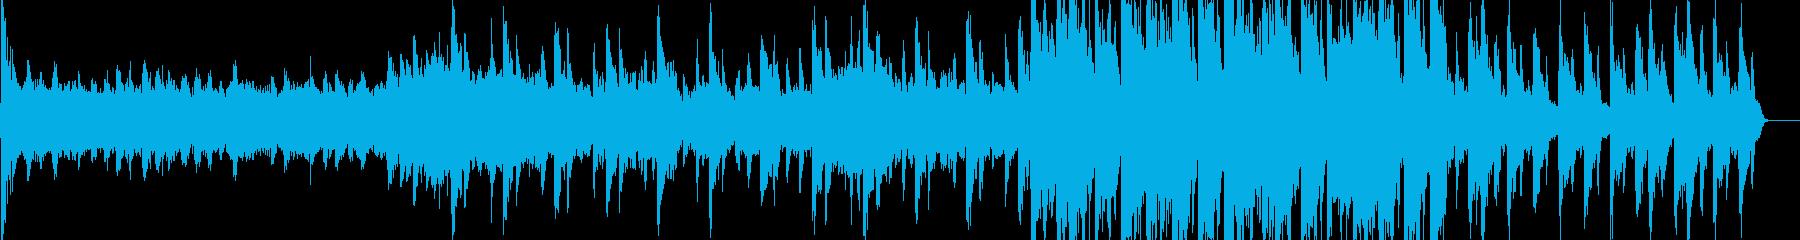 ファッショナブルなスタイリッシュサウンドの再生済みの波形